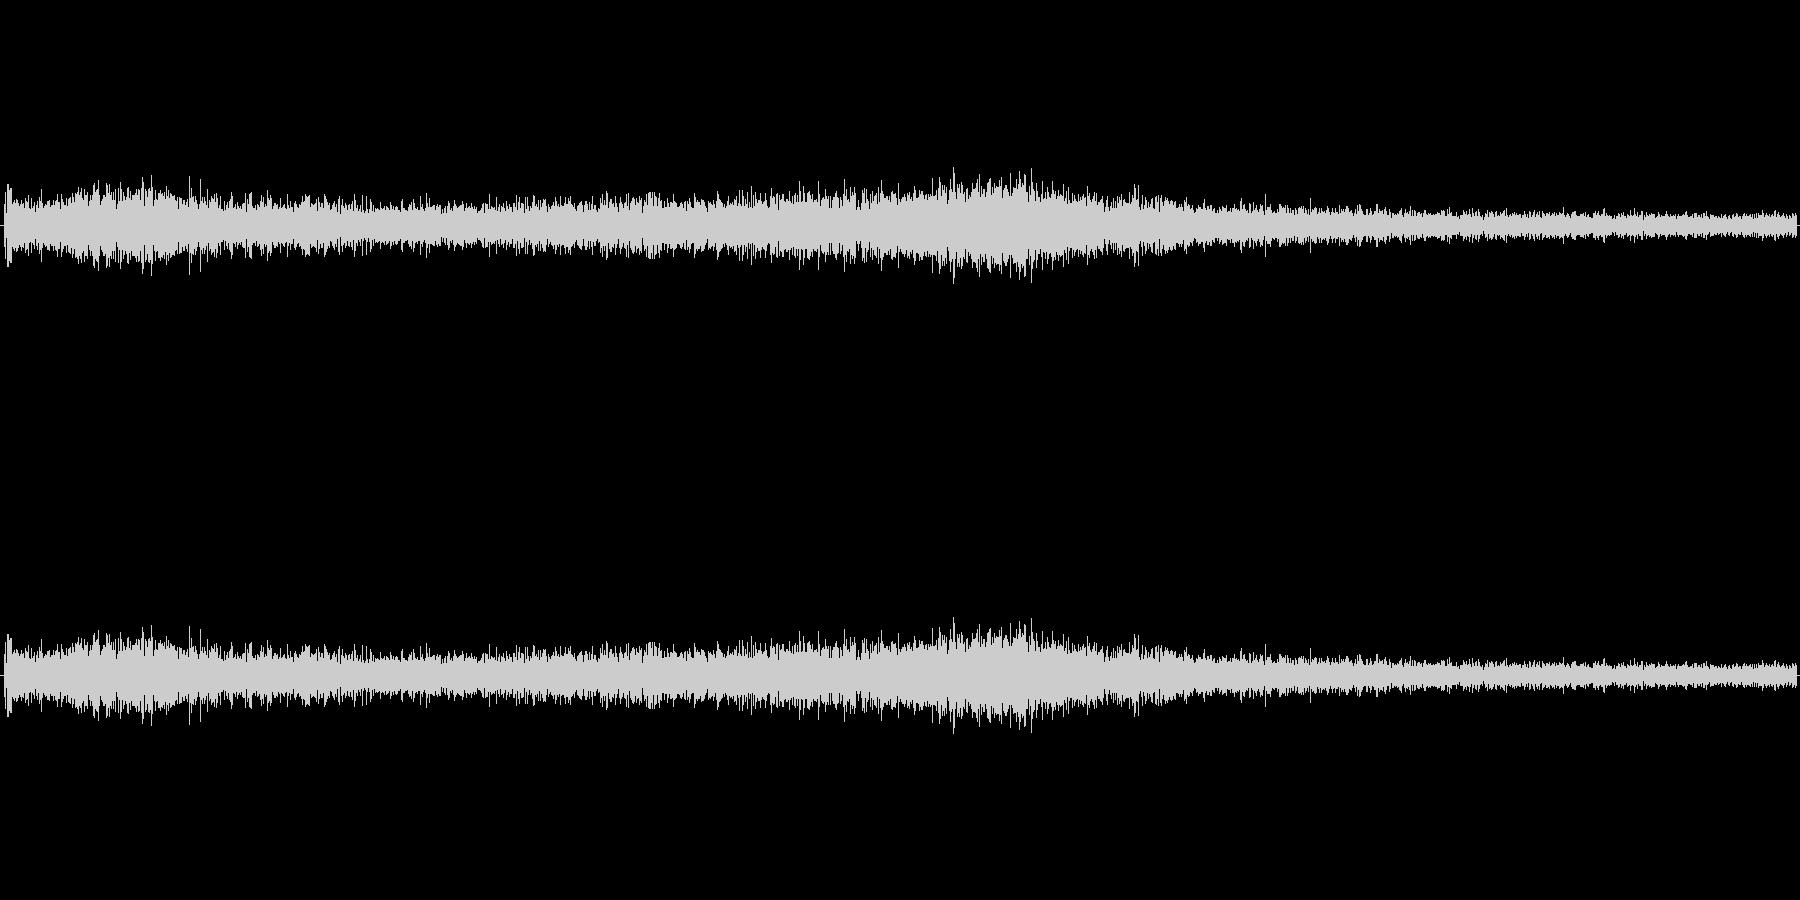 【生音】ゴー、、、ゴー、、という車通過音の未再生の波形